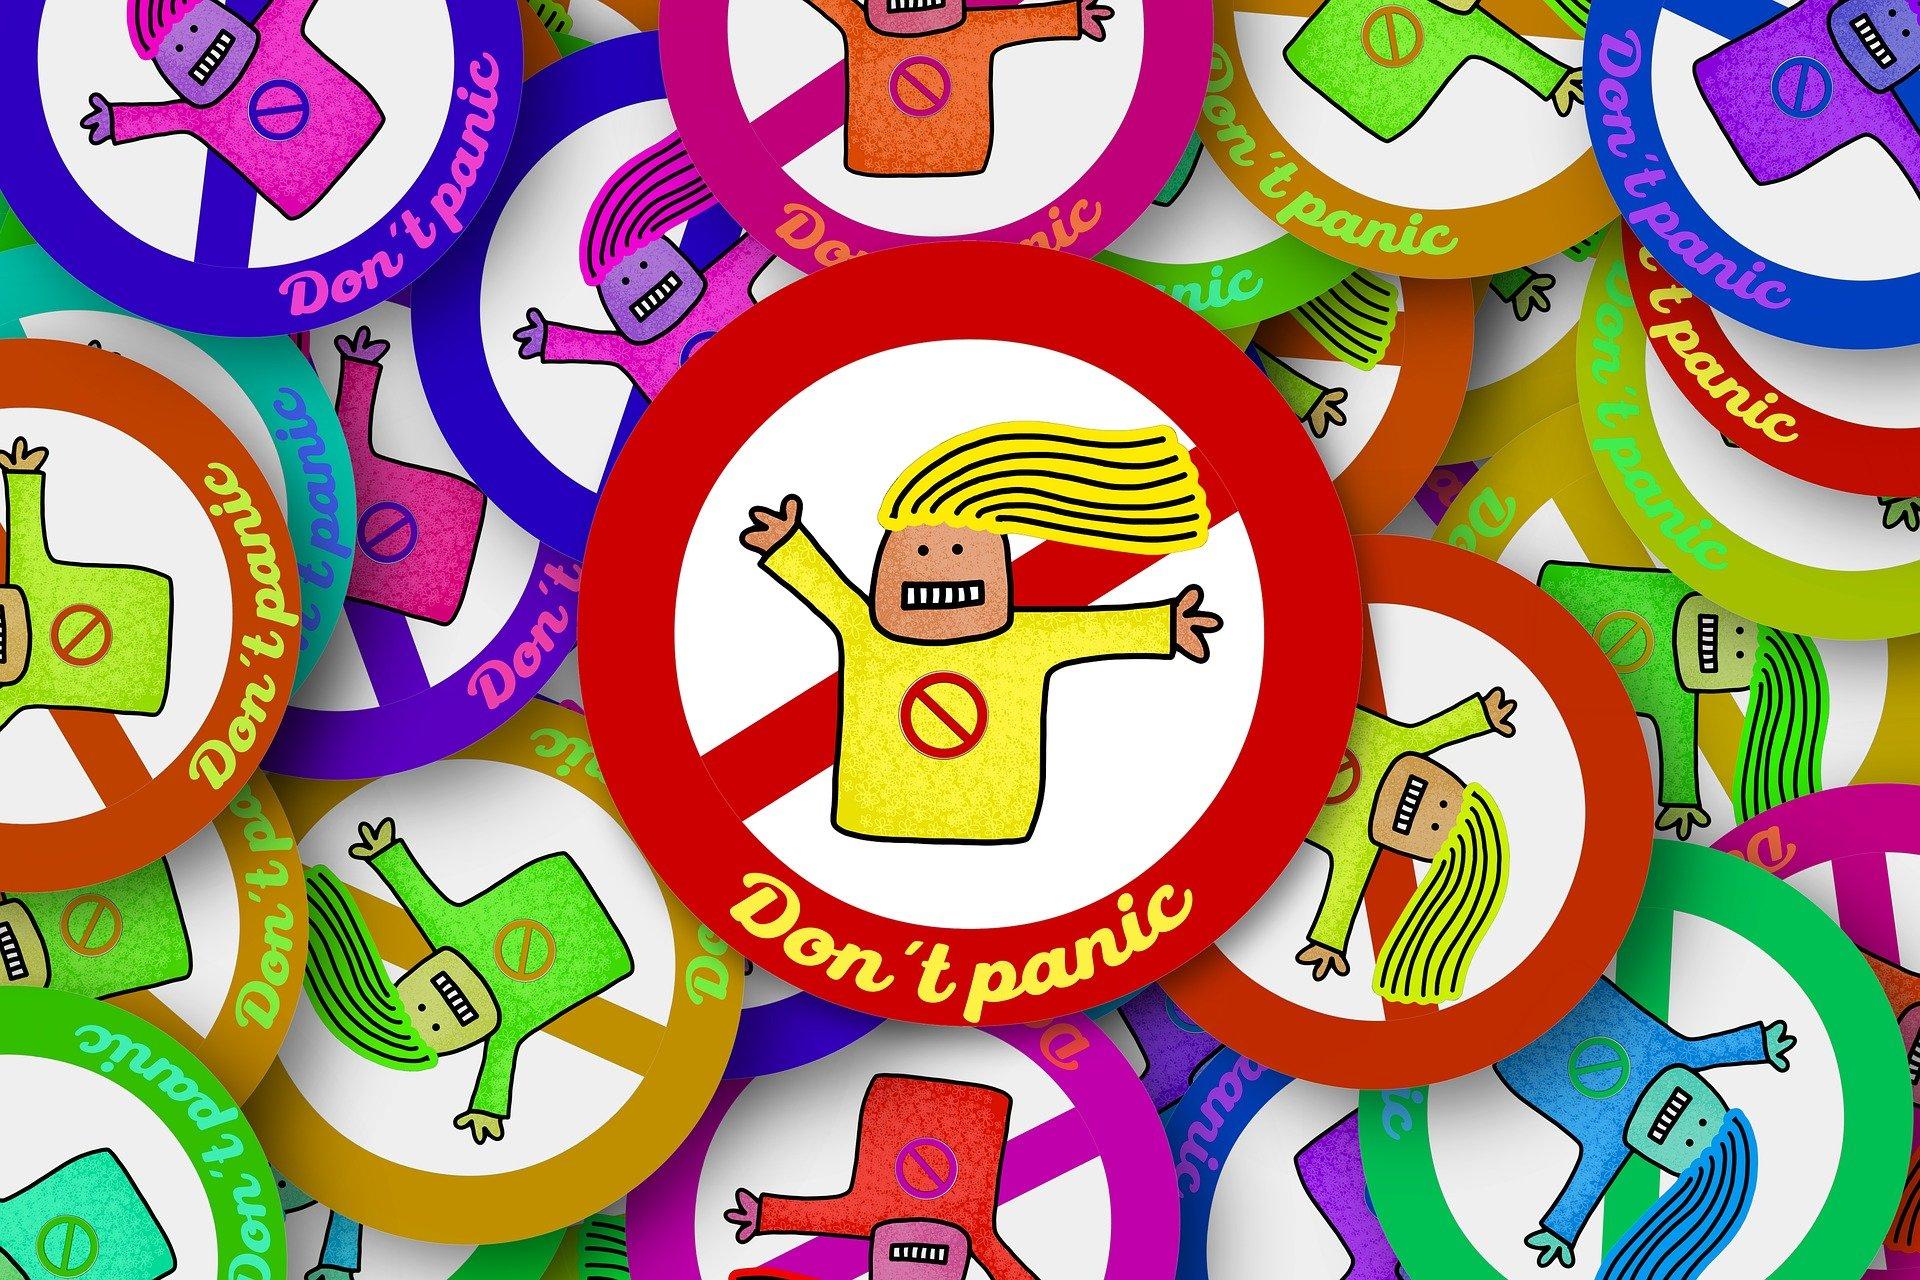 adesivi colorati con persona stilizzata vietato andare in panico